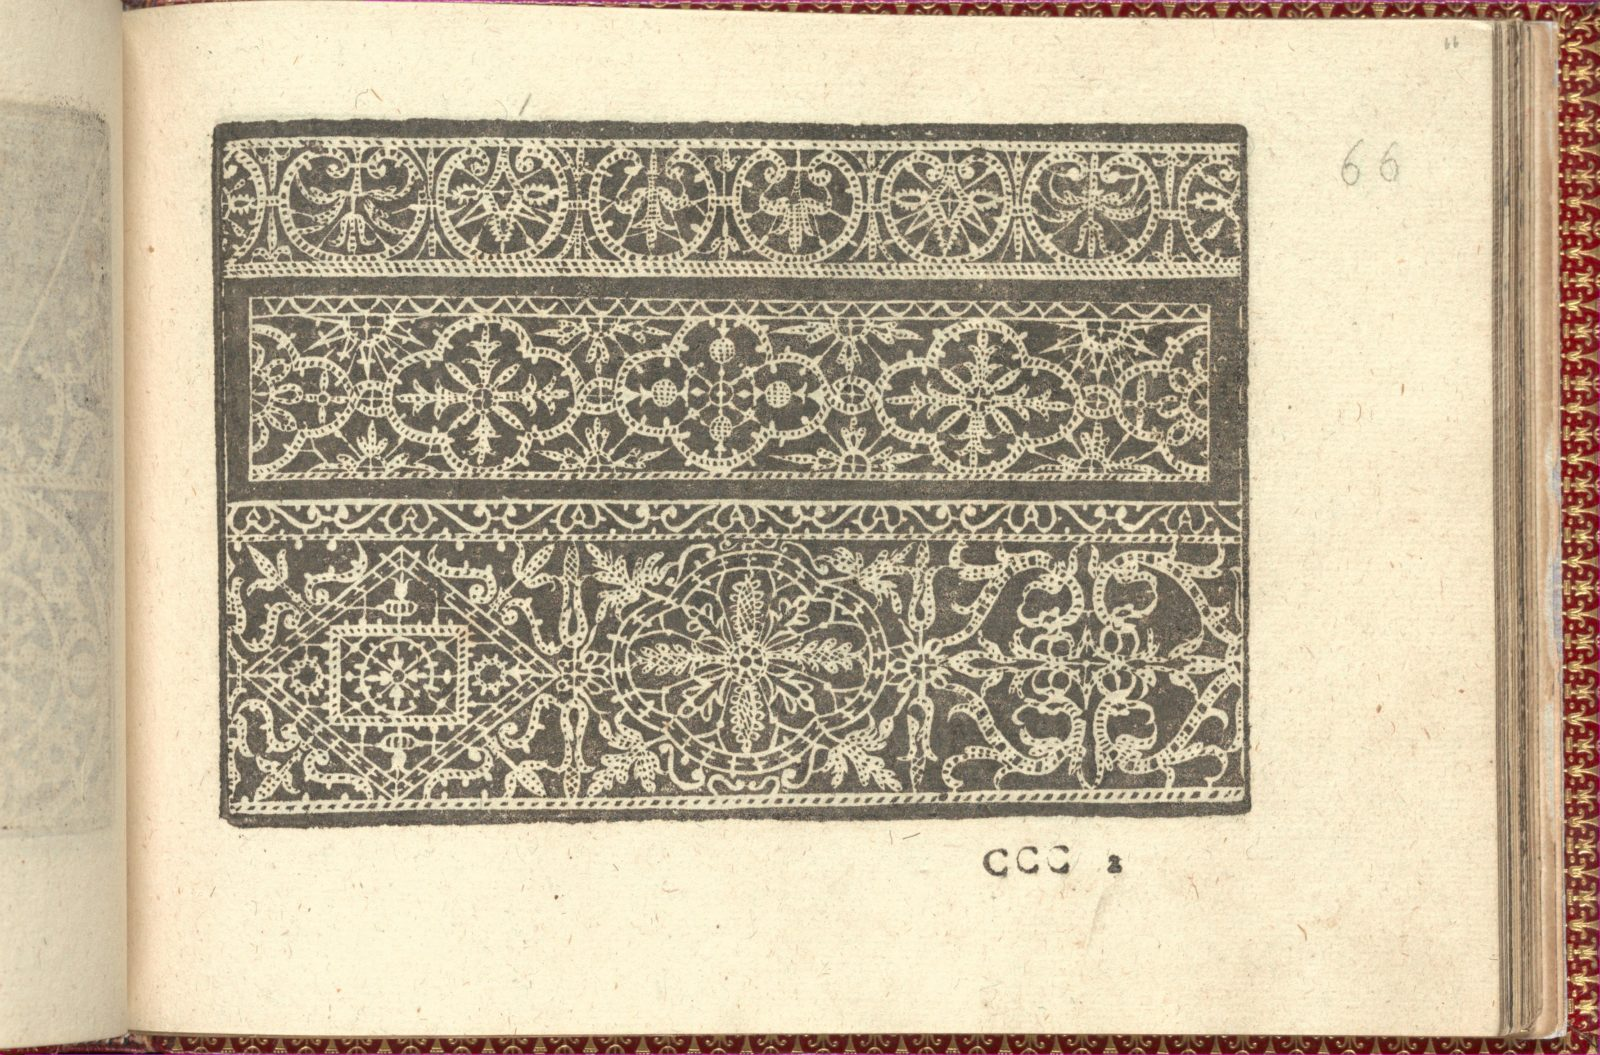 Corona delle Nobili et Virtuose Donne: Libro I-IV, page 66 (recto)